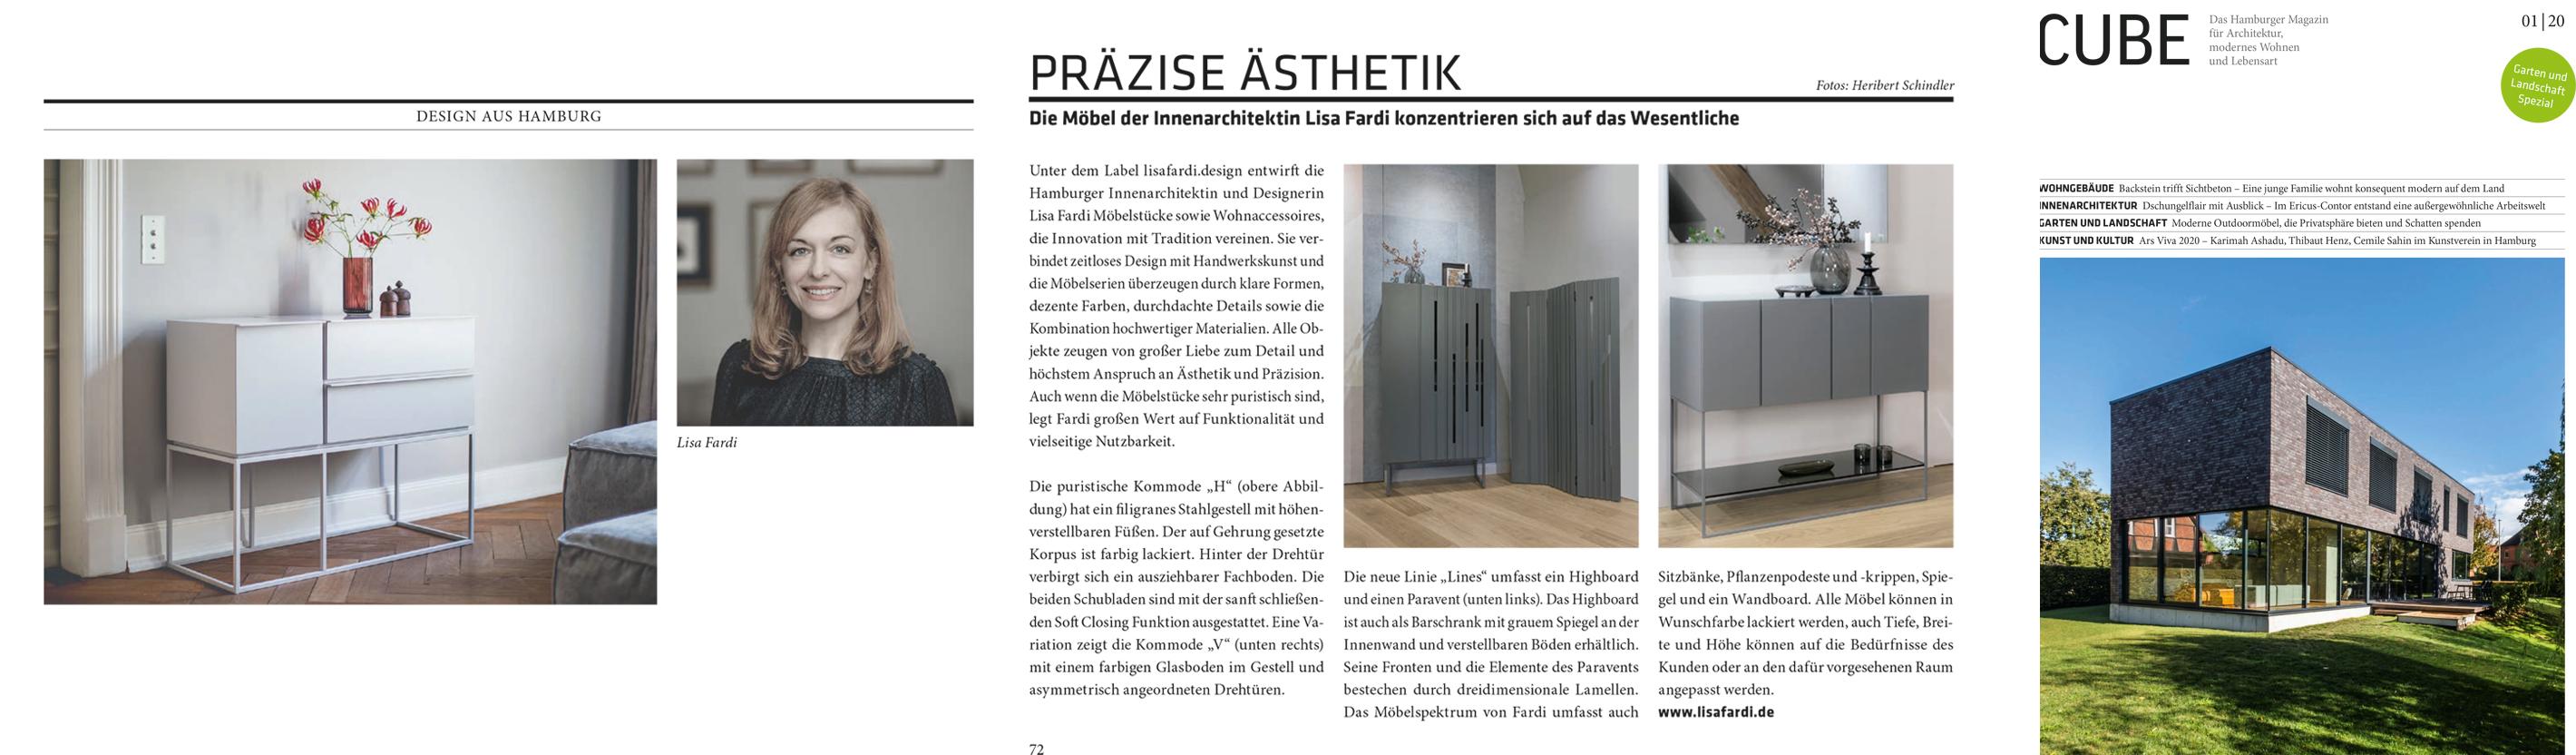 Artikel im Cube Magazin Haburg,Präzise Ästhetik, eine Artikel über das Label lisafardiDESIGN der Innenarchitektin Lisa Fardi aus Hamburg